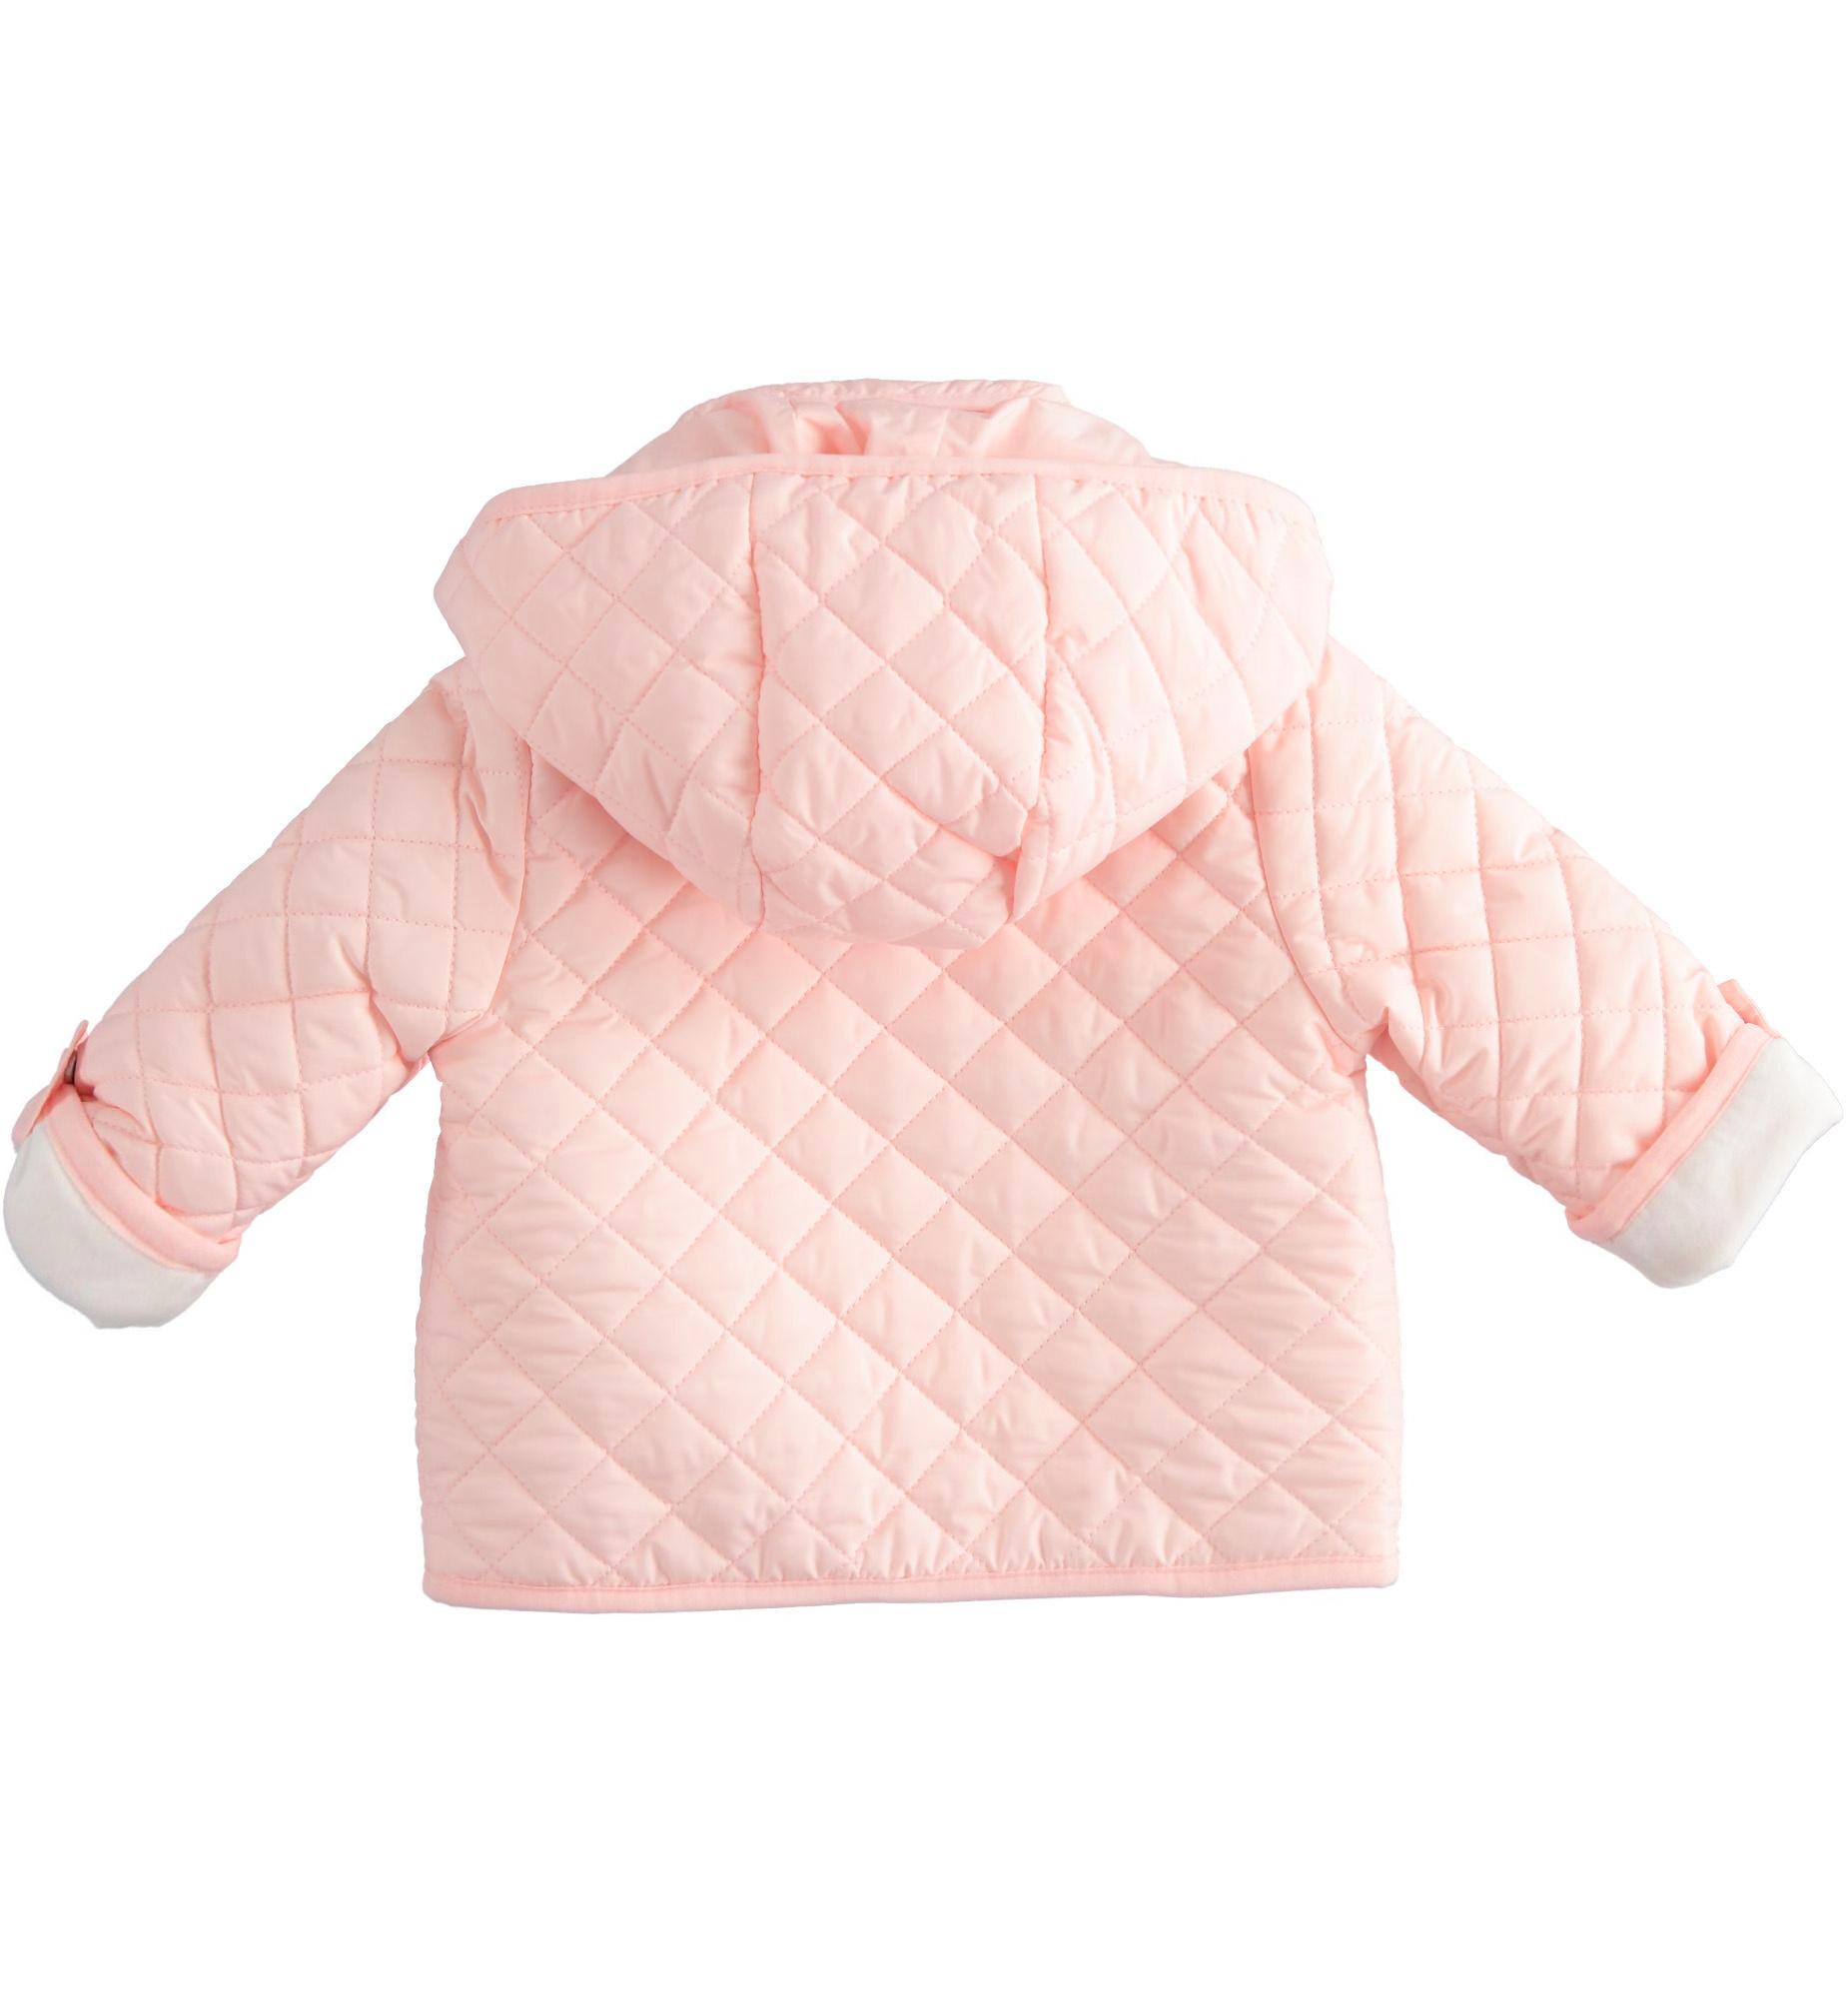 Ido iDO Pink Padded Bear Jacket - 43299